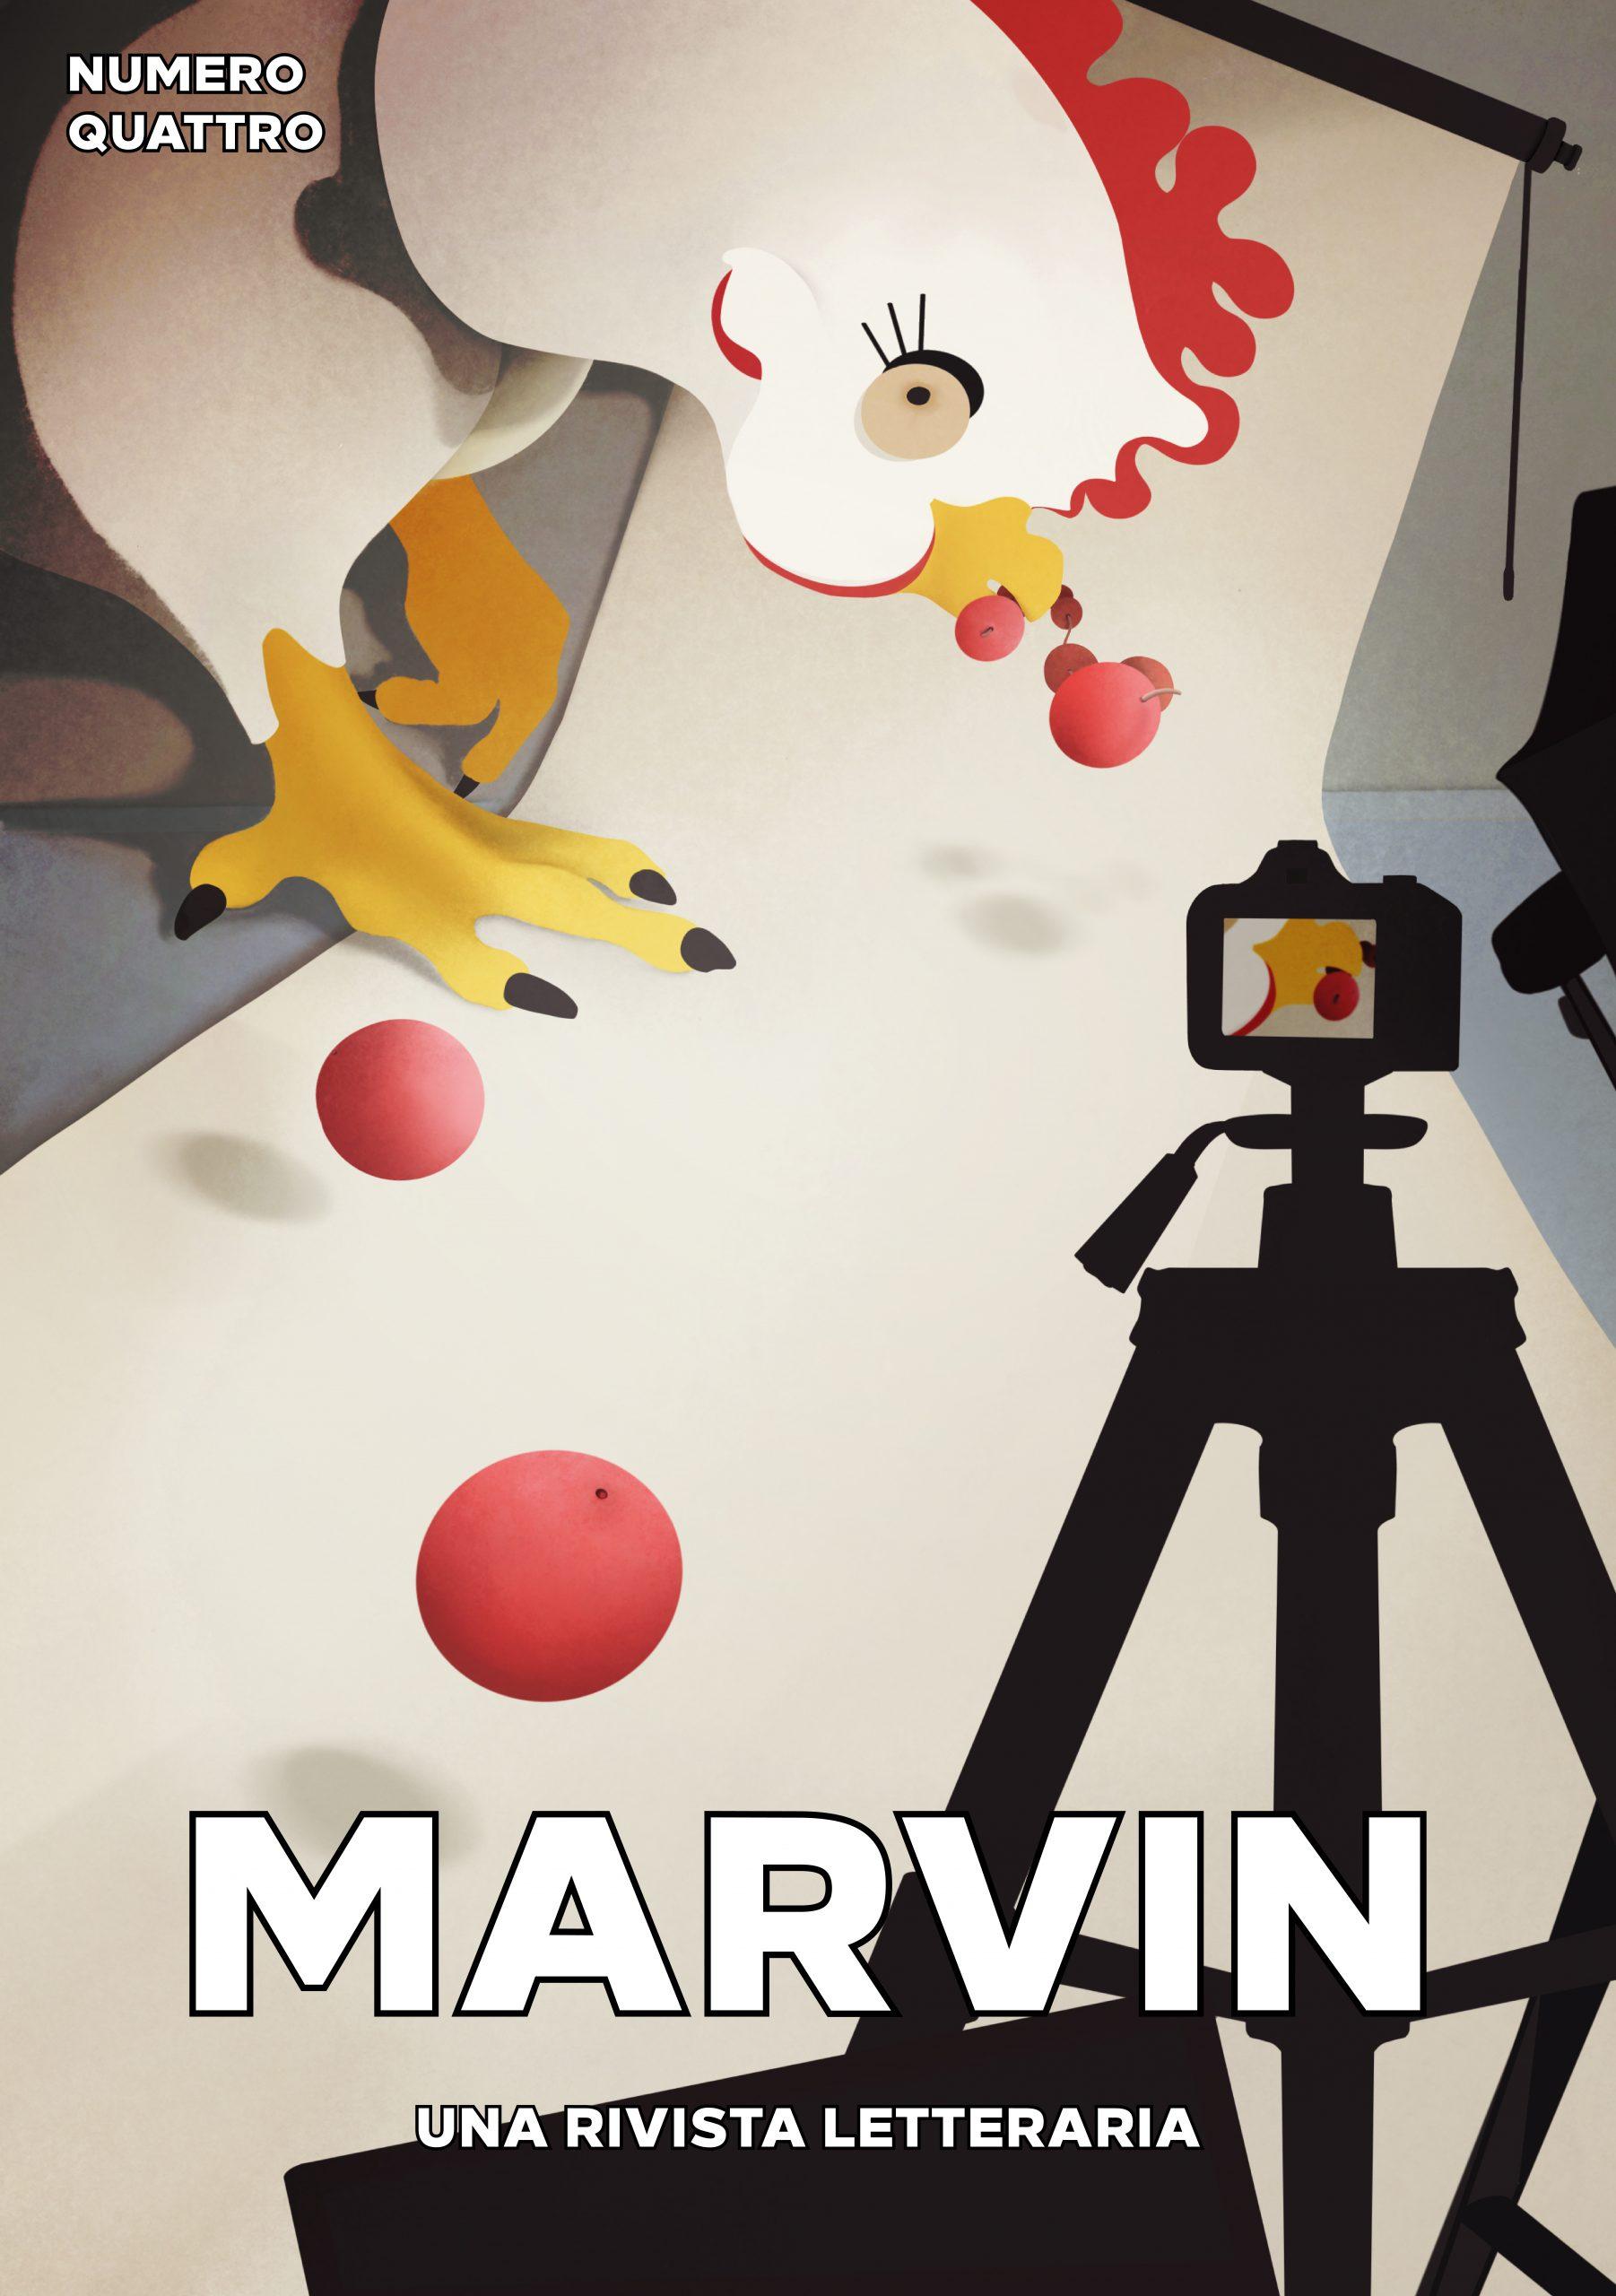 numero quattro marvin